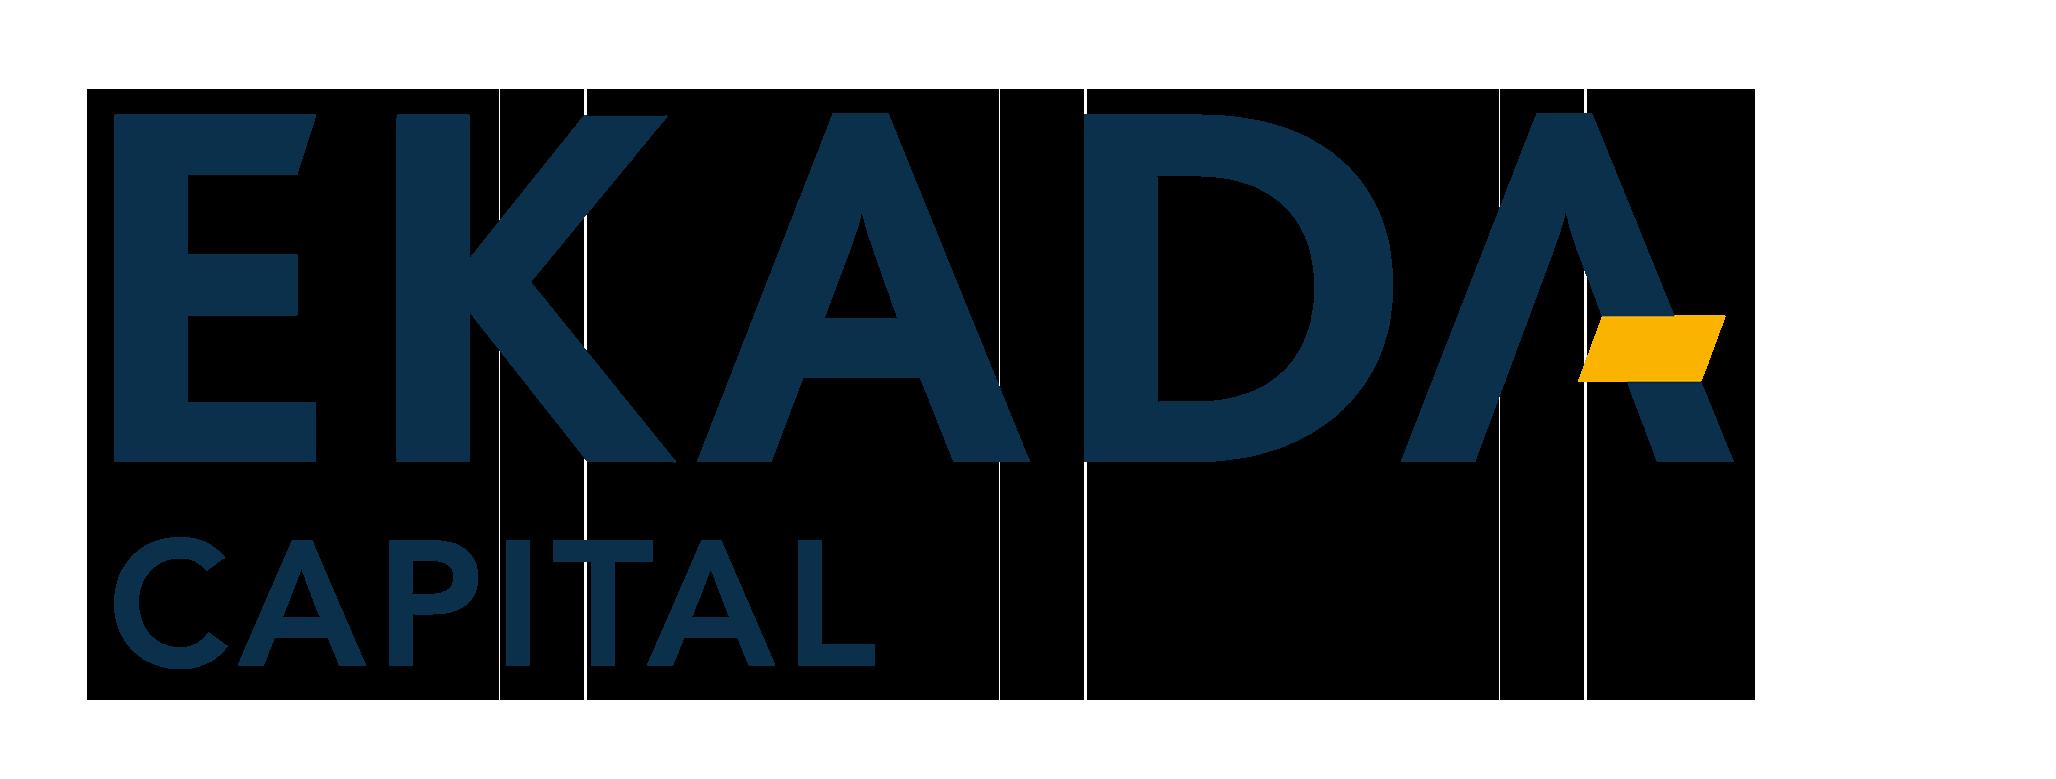 EKADA CAPITAL